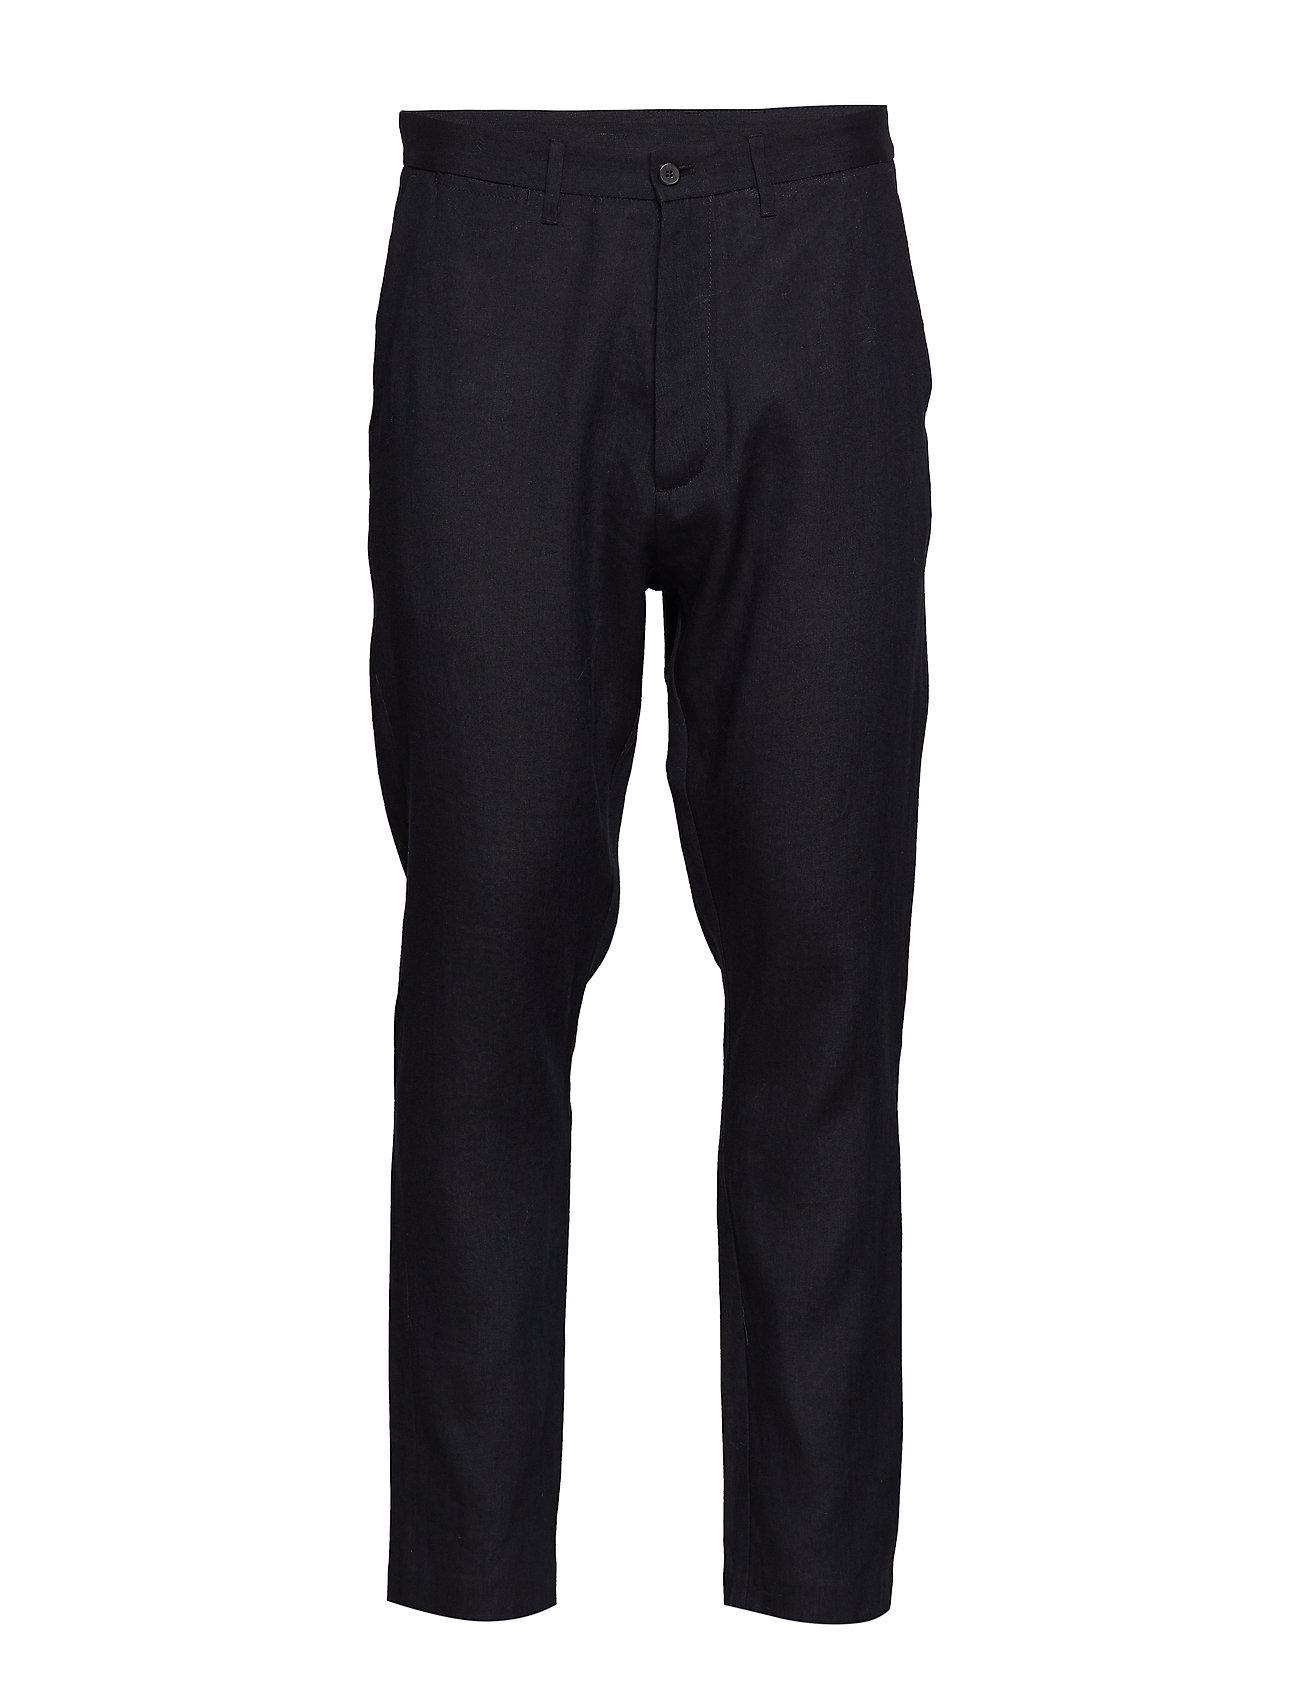 Kris Suit Trouser (Dk Blue) (1400 kr) - Hope -  6f1dc3483651d